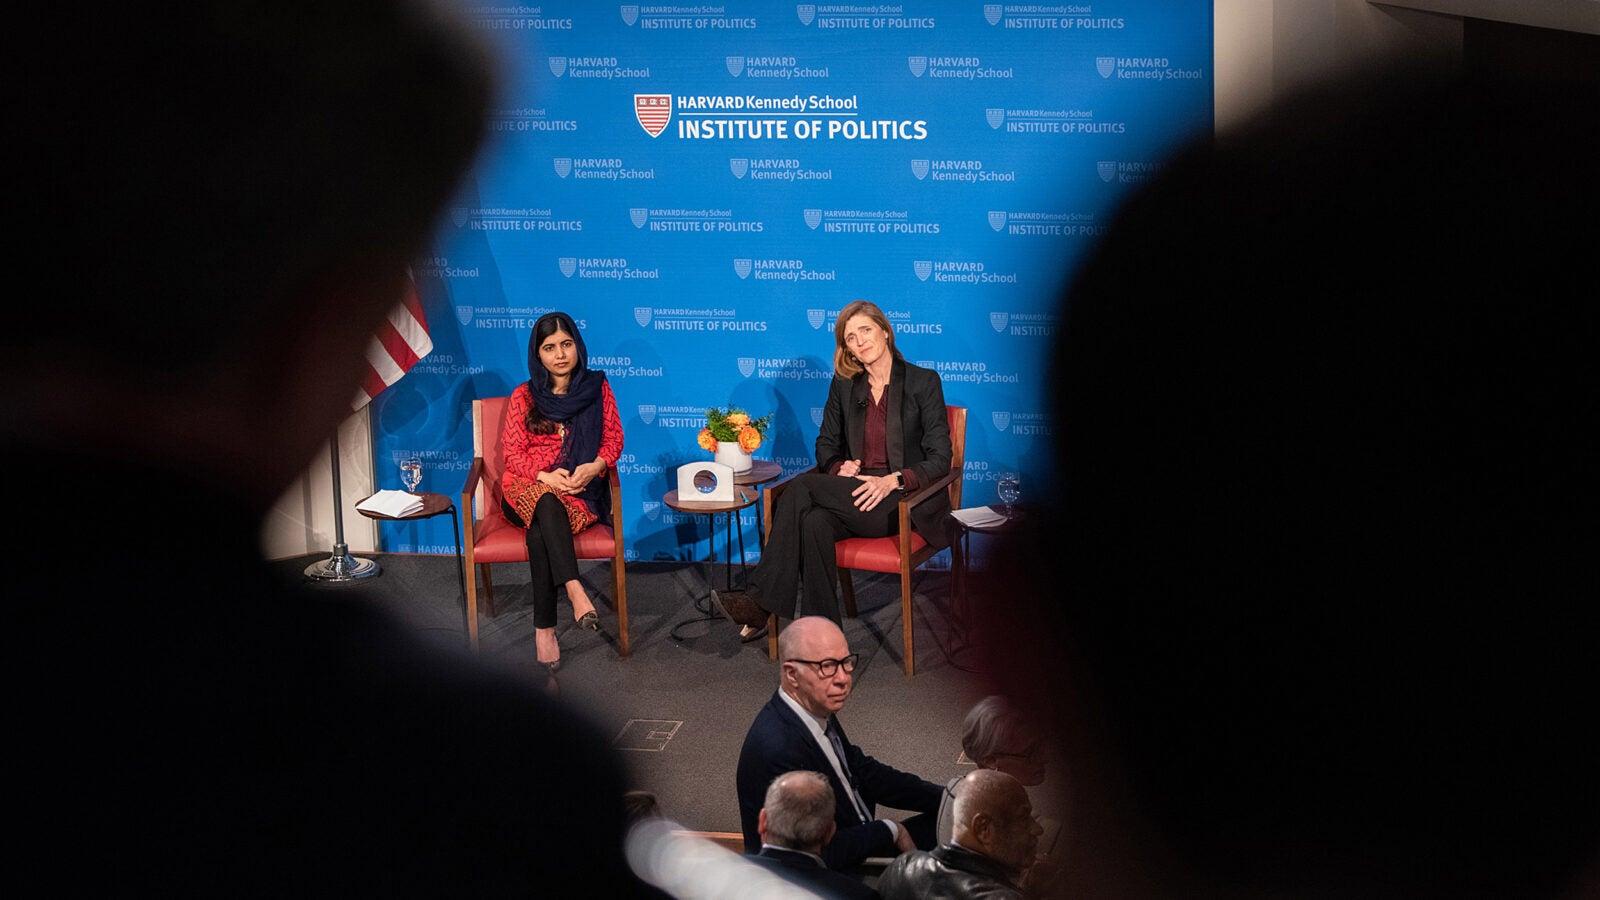 Malala Yousafzai and Samantha Power sitting on stage